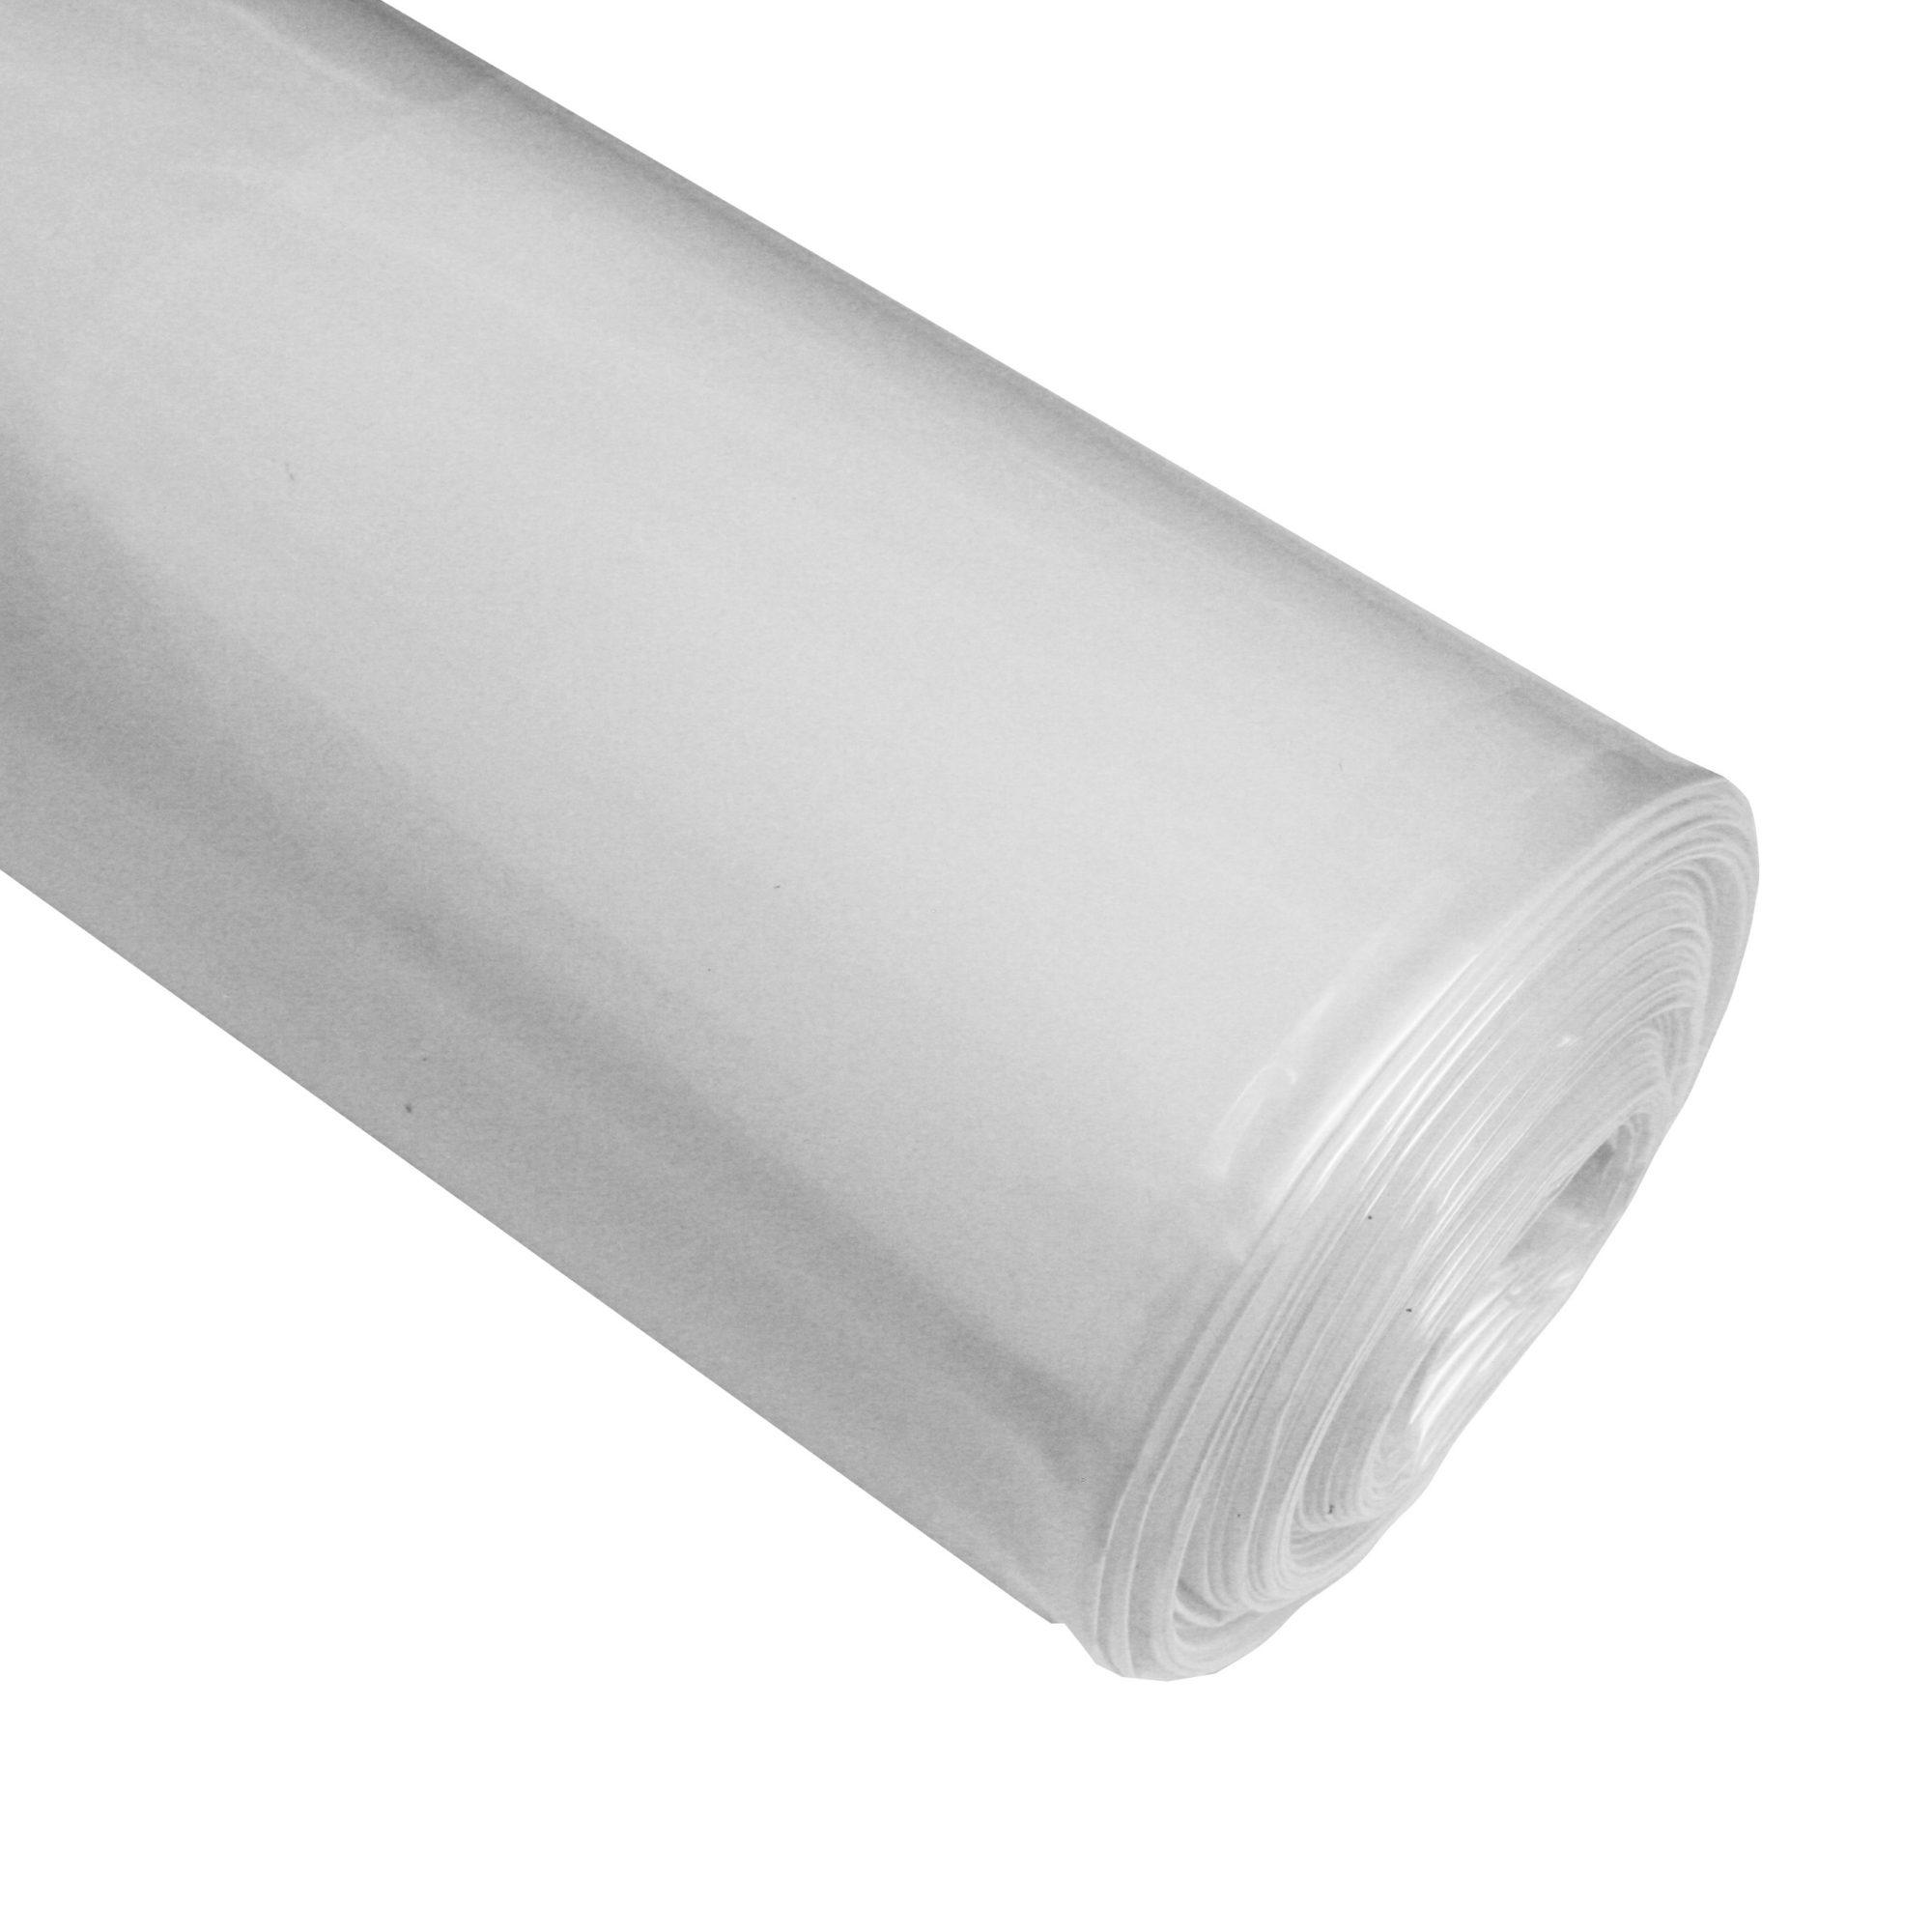 Polyethylene Film Clear